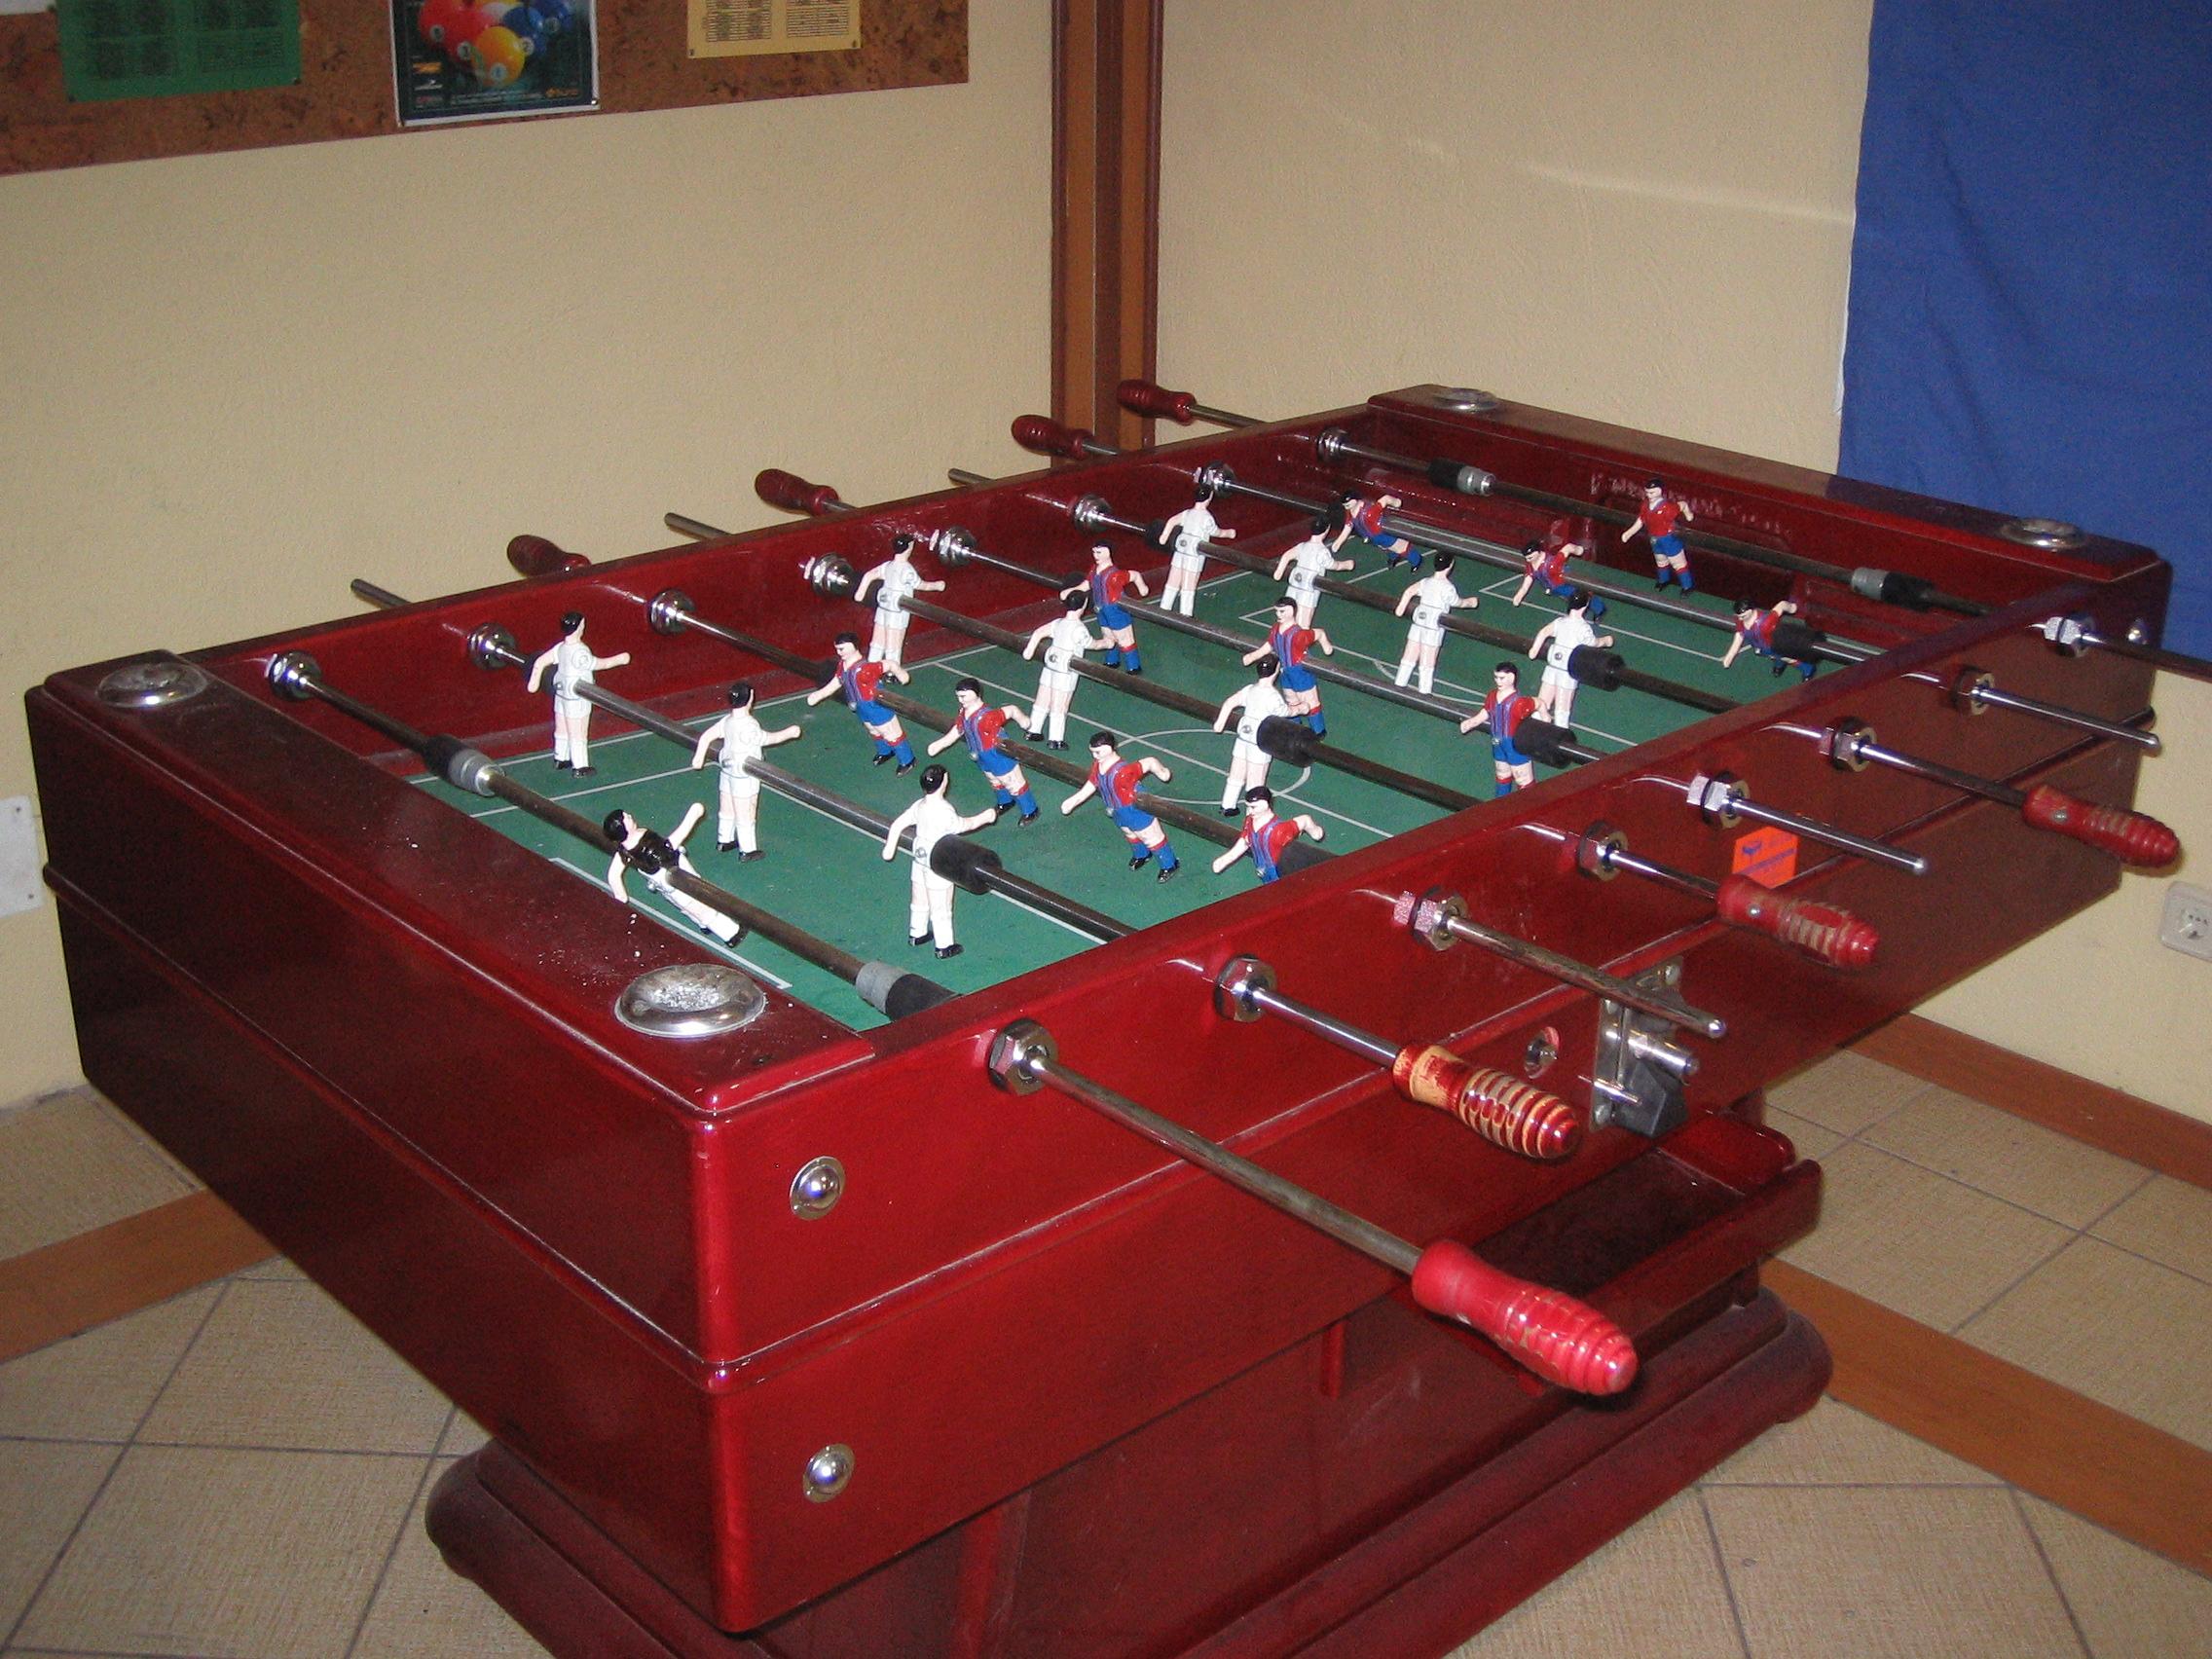 5a8fe378a Futbolín - Wikipedia, la enciclopedia libre